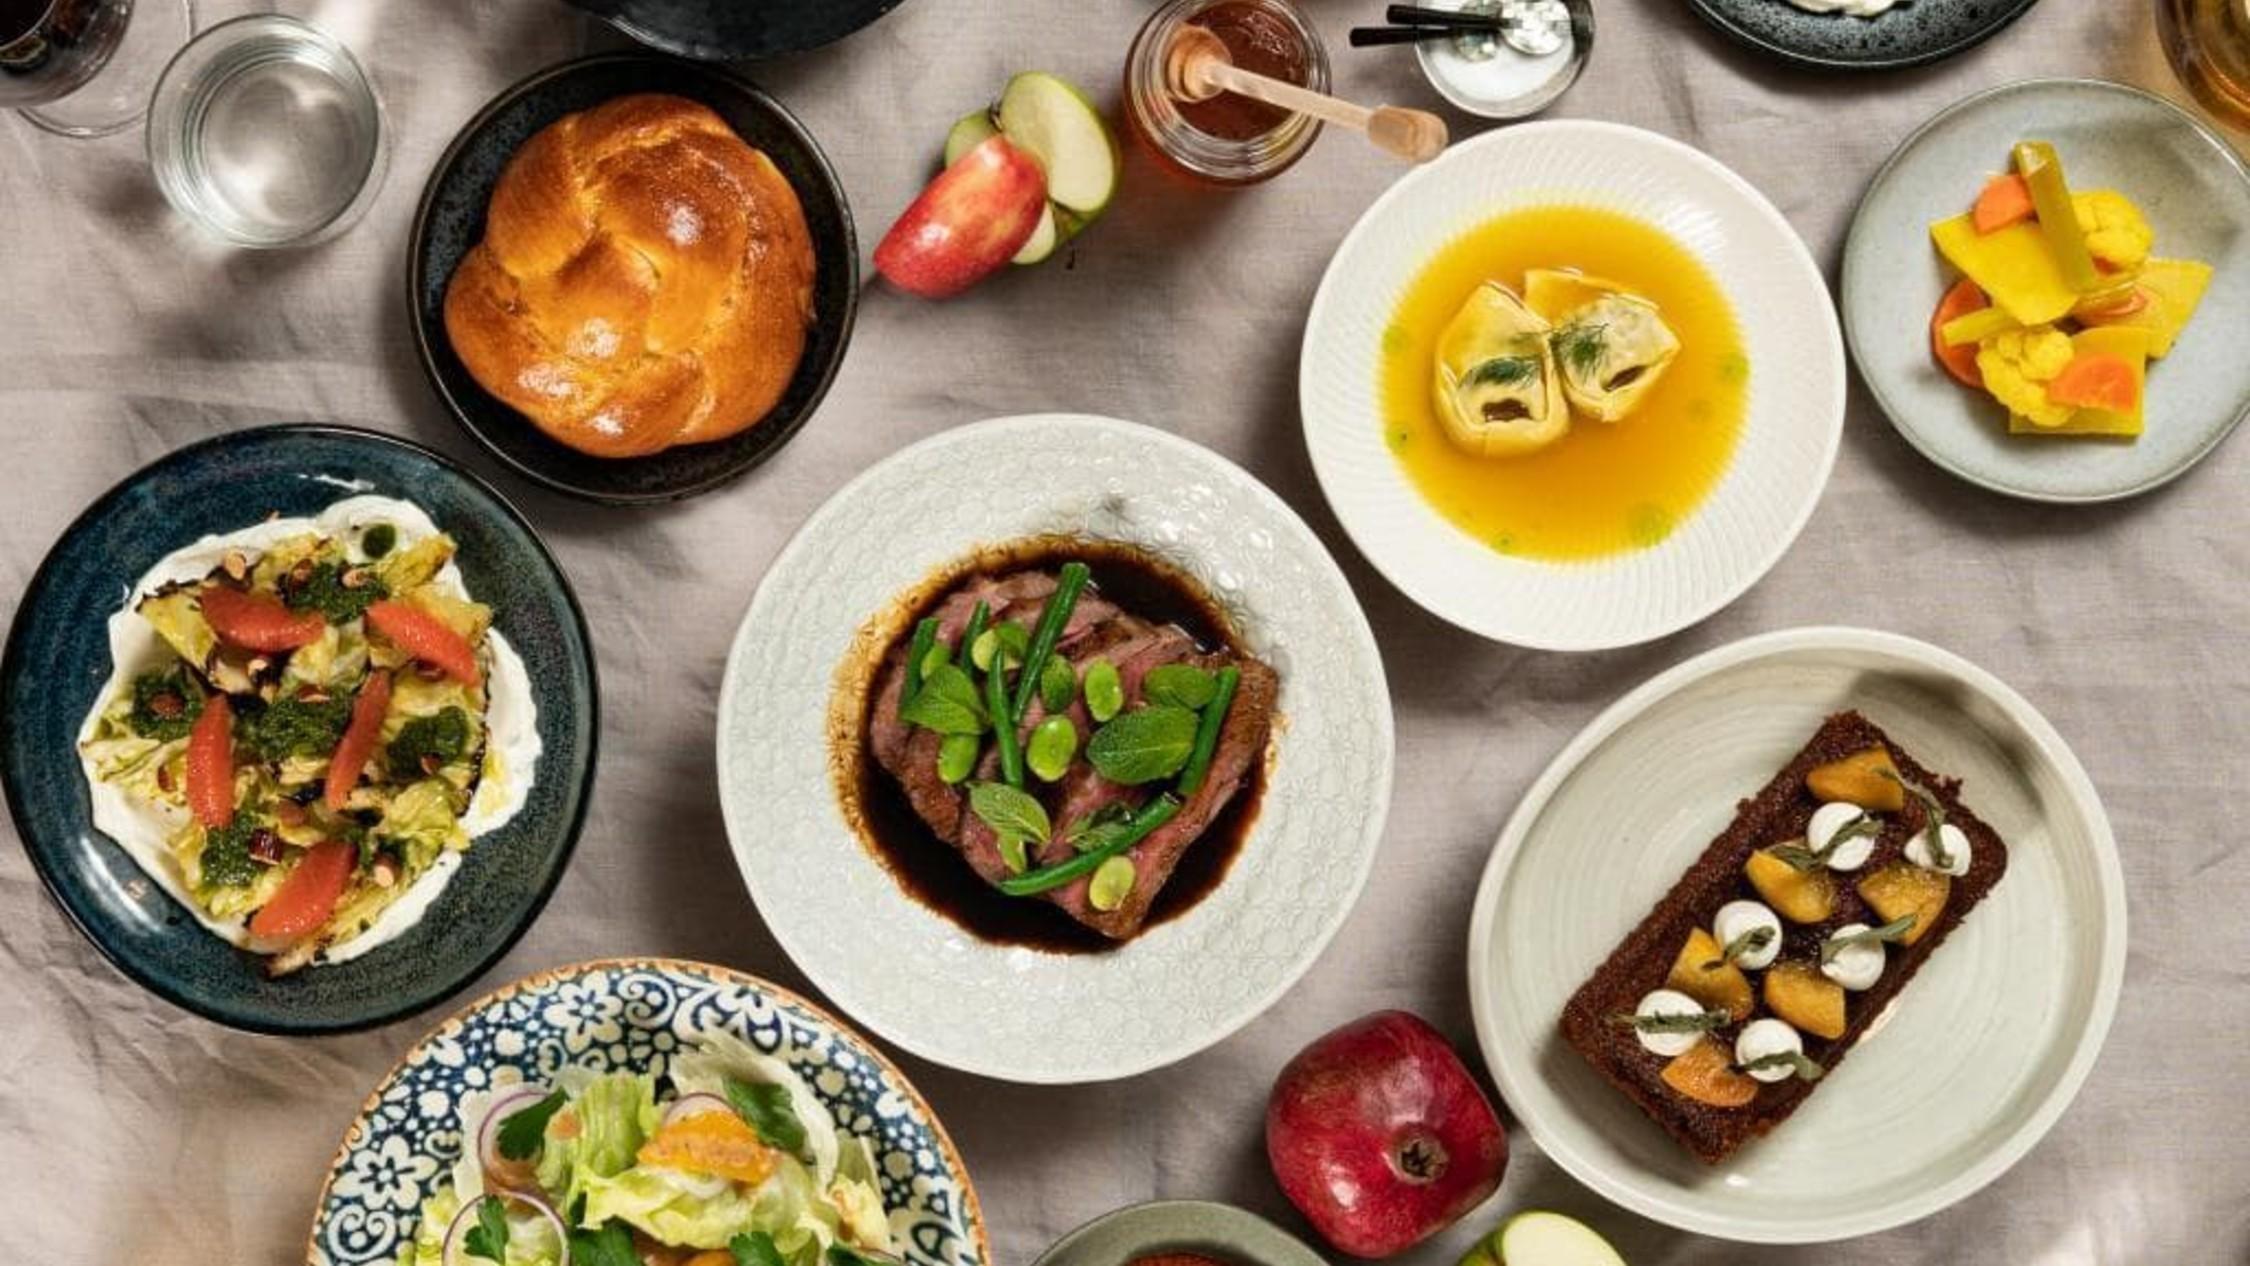 Golda Restaurant Shabbat dinner for delivery